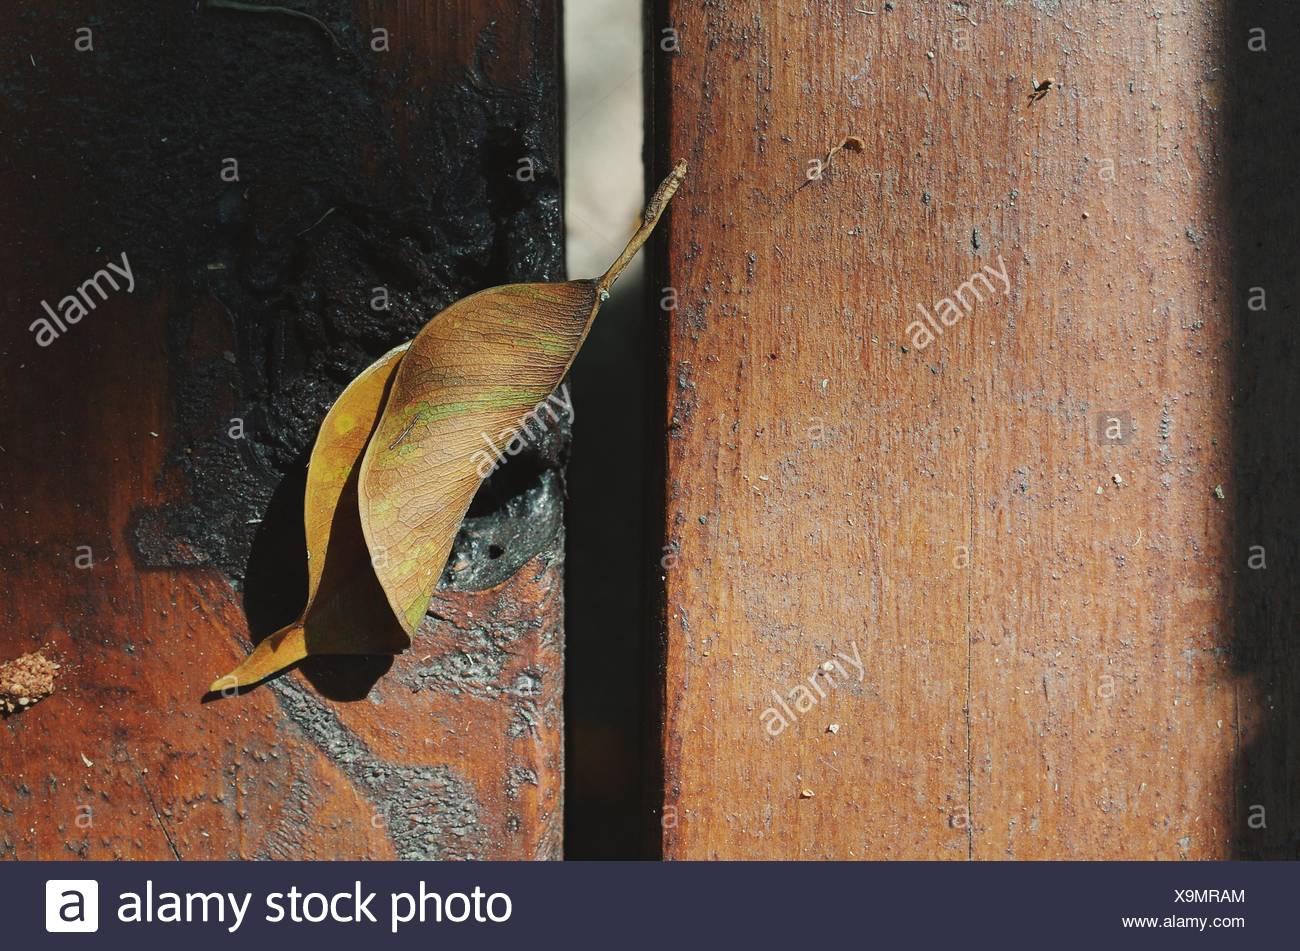 Plan de feuille sèche sur la surface en bois Photo Stock